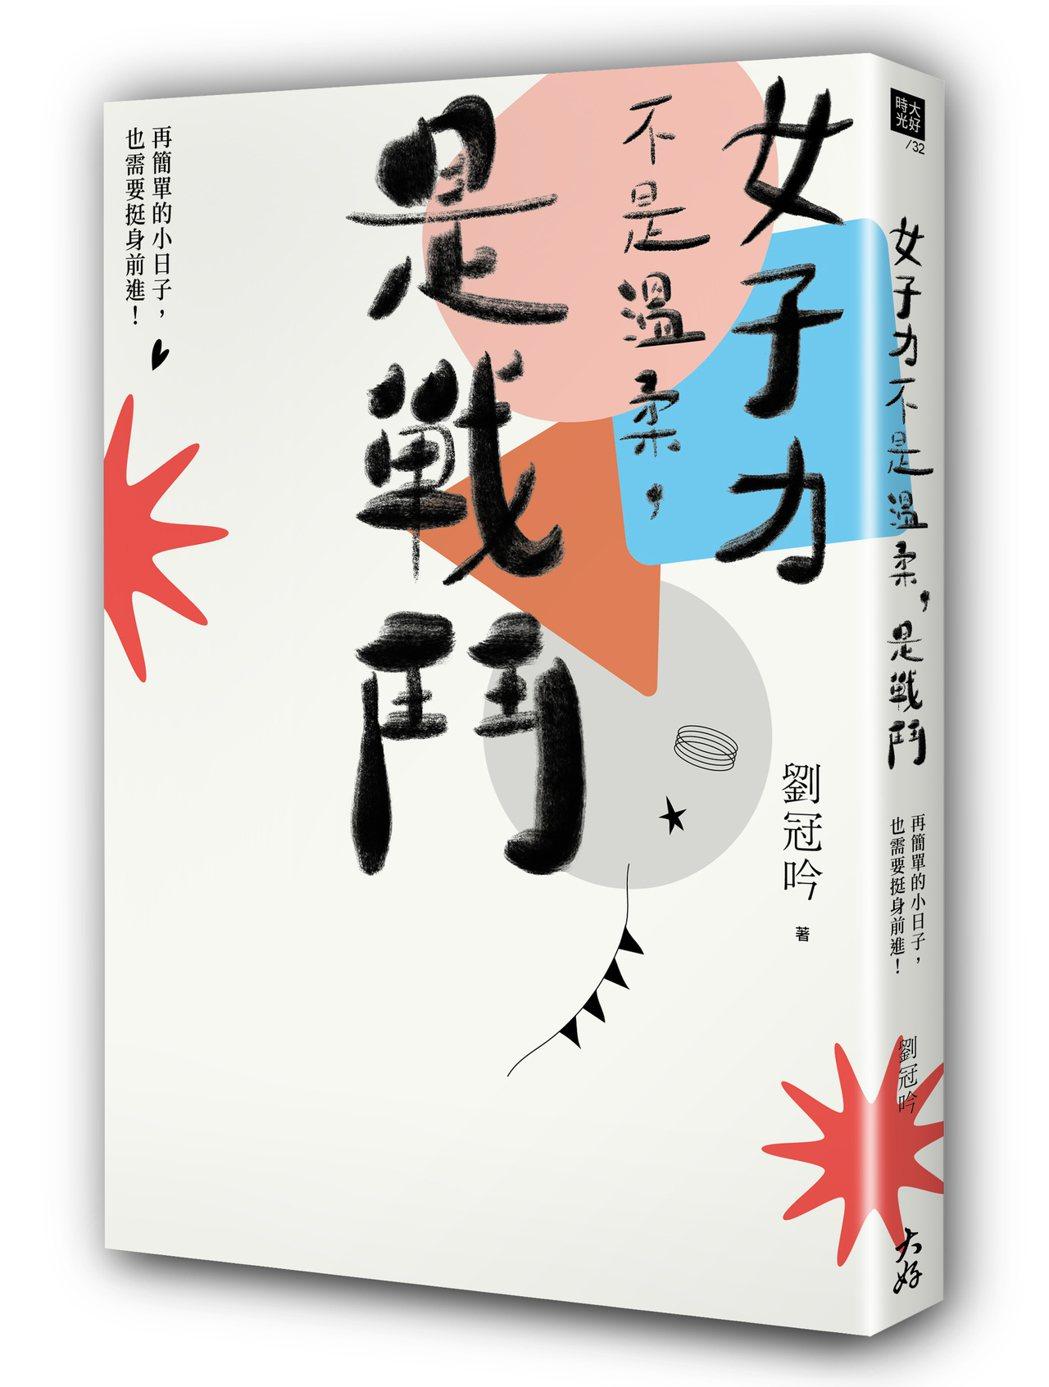 書名/《女子力不是溫柔,是戰鬥》、作者/劉冠吟、圖/日月文化.大好書屋提供